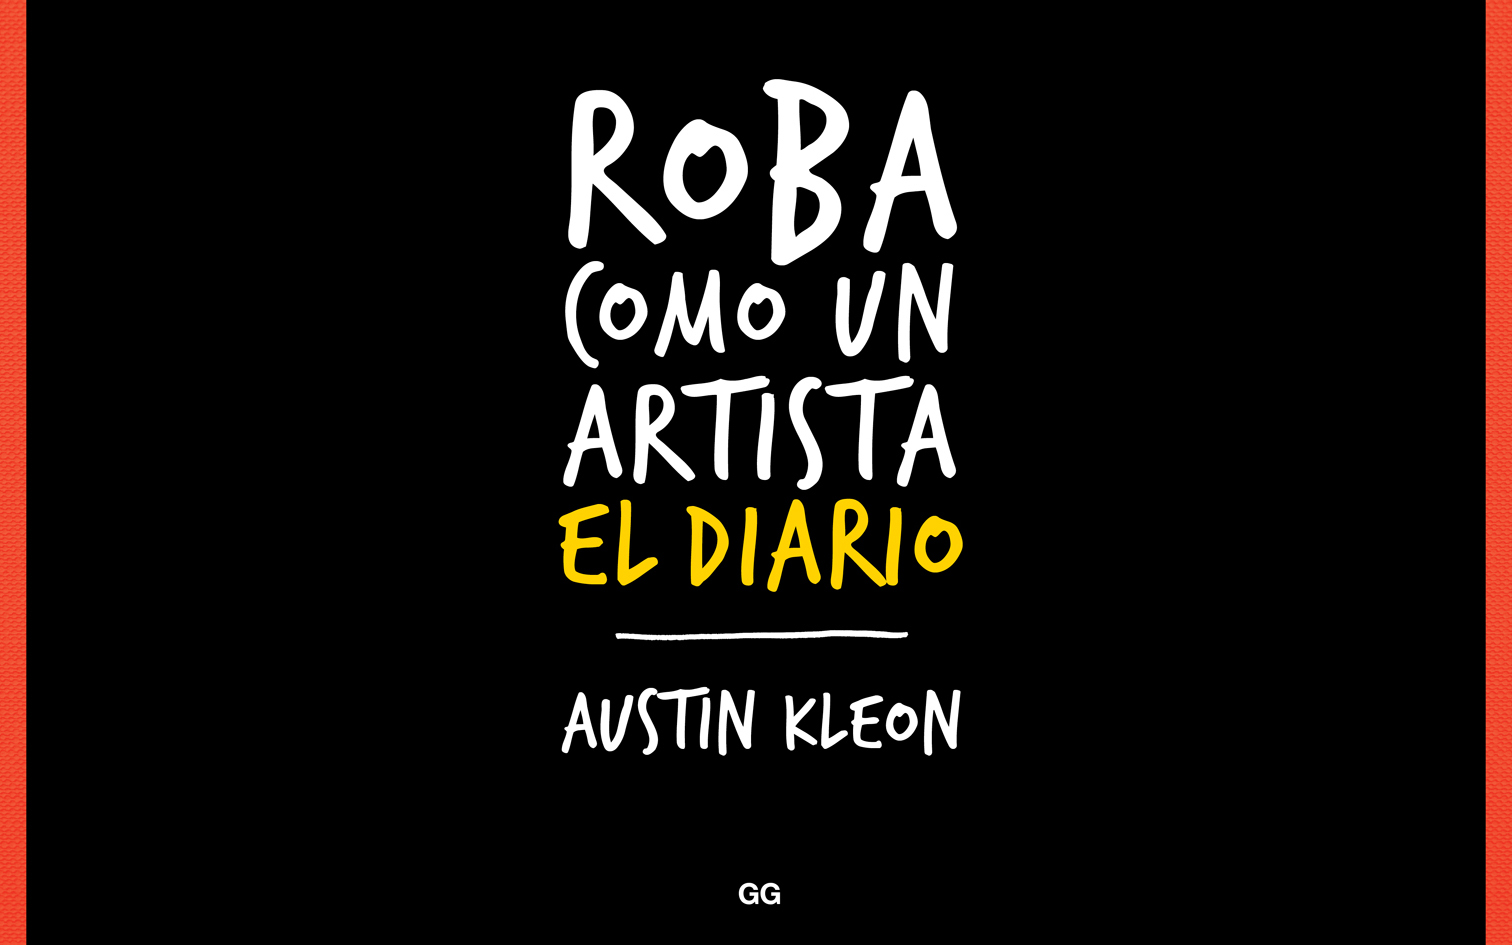 ¡Roba como un artista! Austin Kleon te enseña cómo